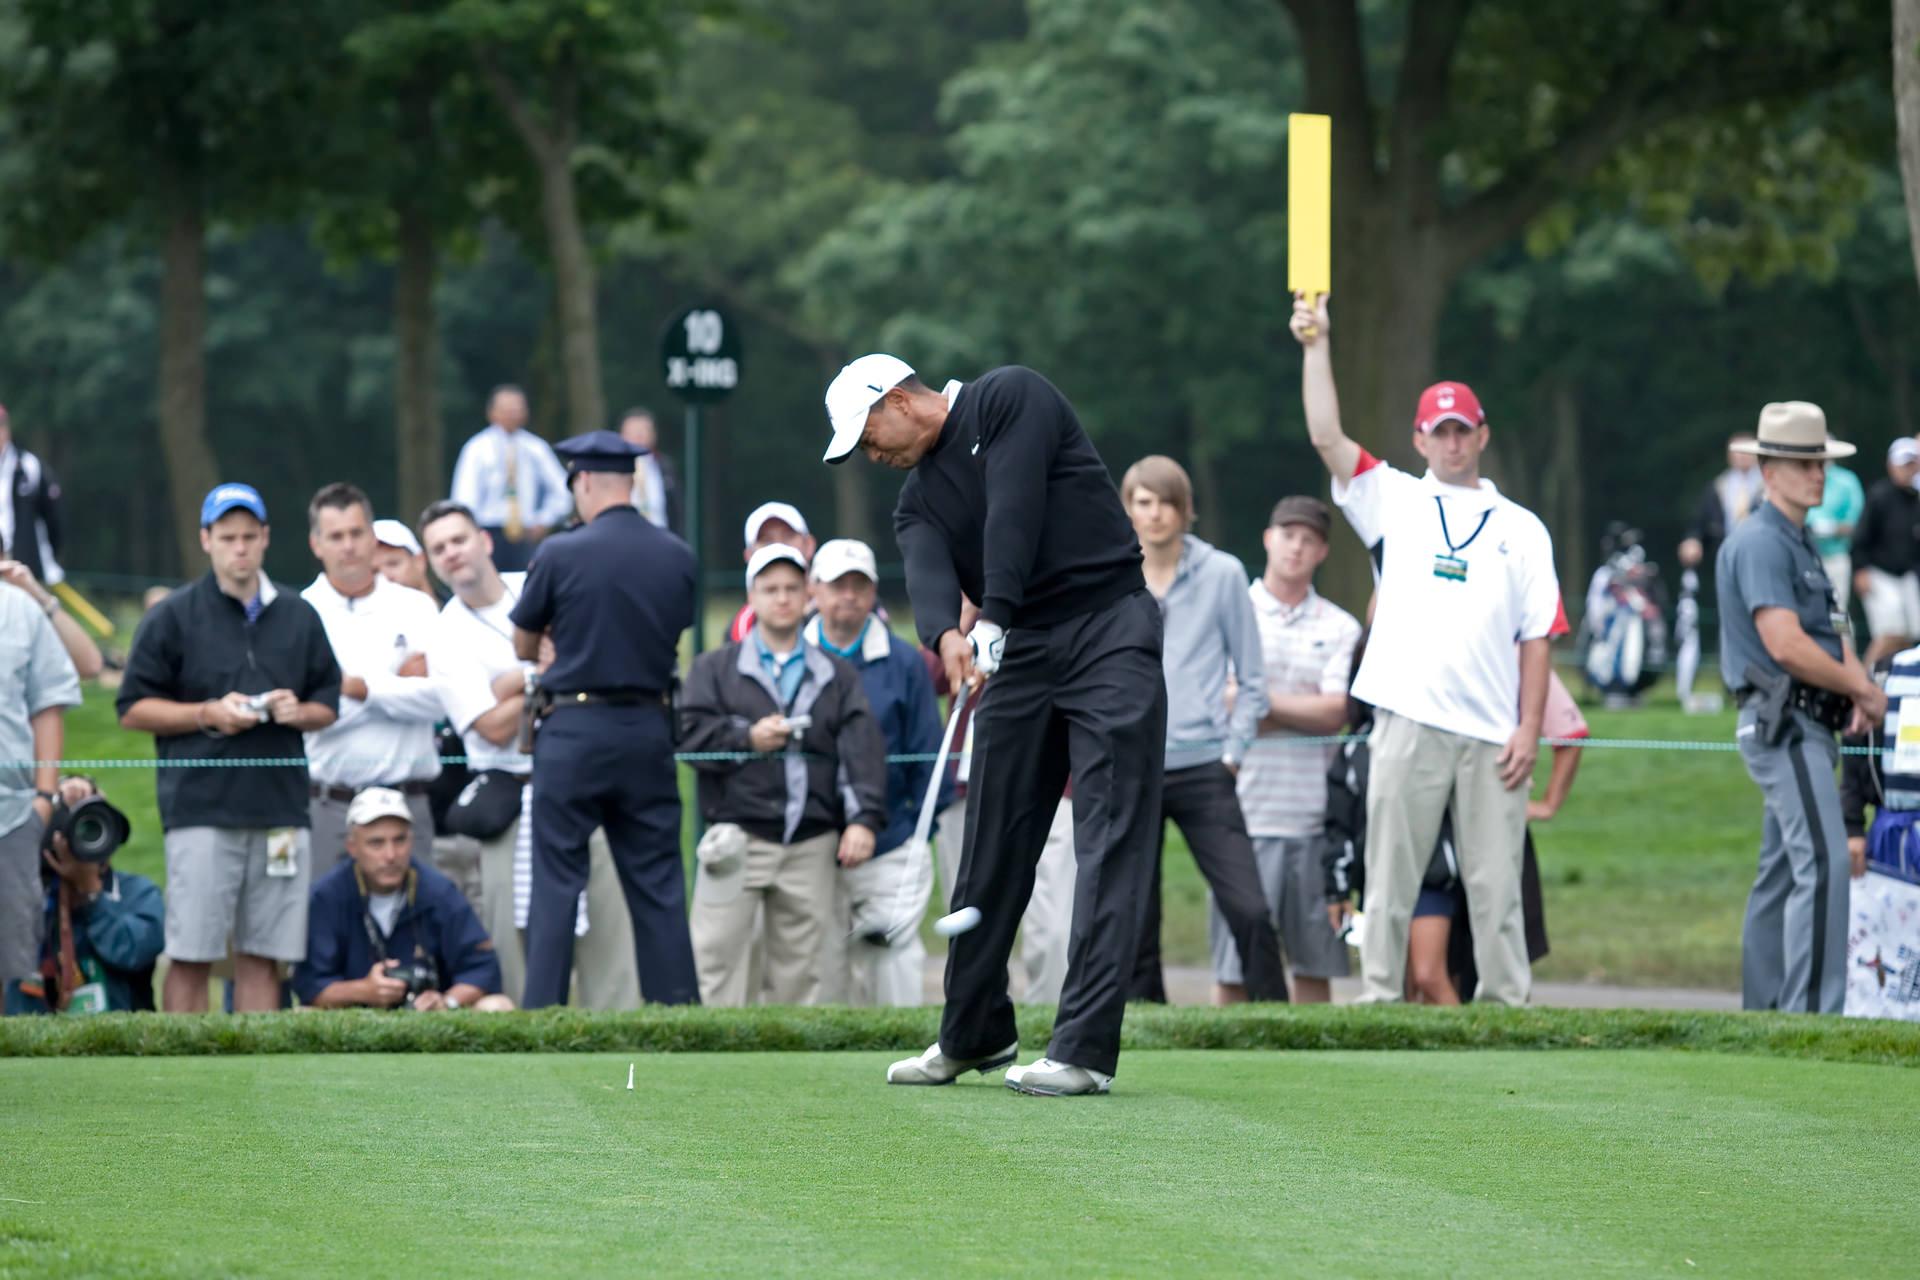 Golf Club Security